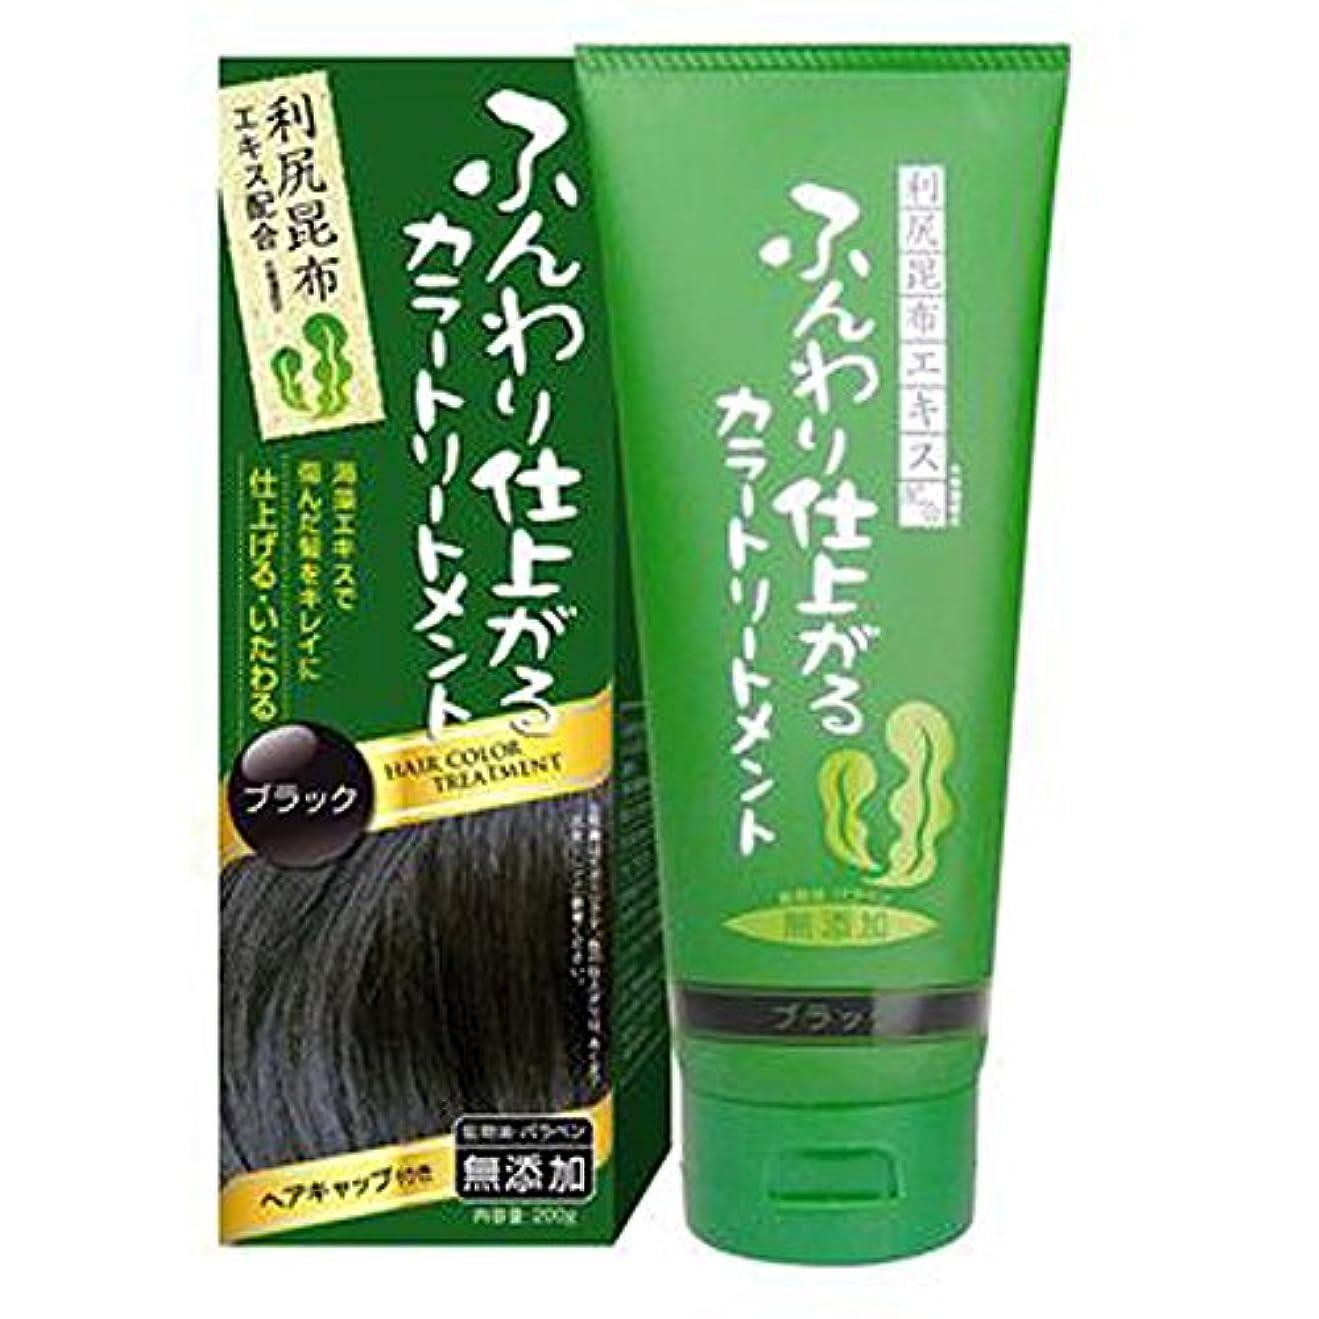 希少性無一文スカートふんわり仕上がるカラートリートメント 白髪 染め 保湿 利尻昆布エキス配合 ヘアカラー (200g ブラック) rishiri-haircolor-200g-blk